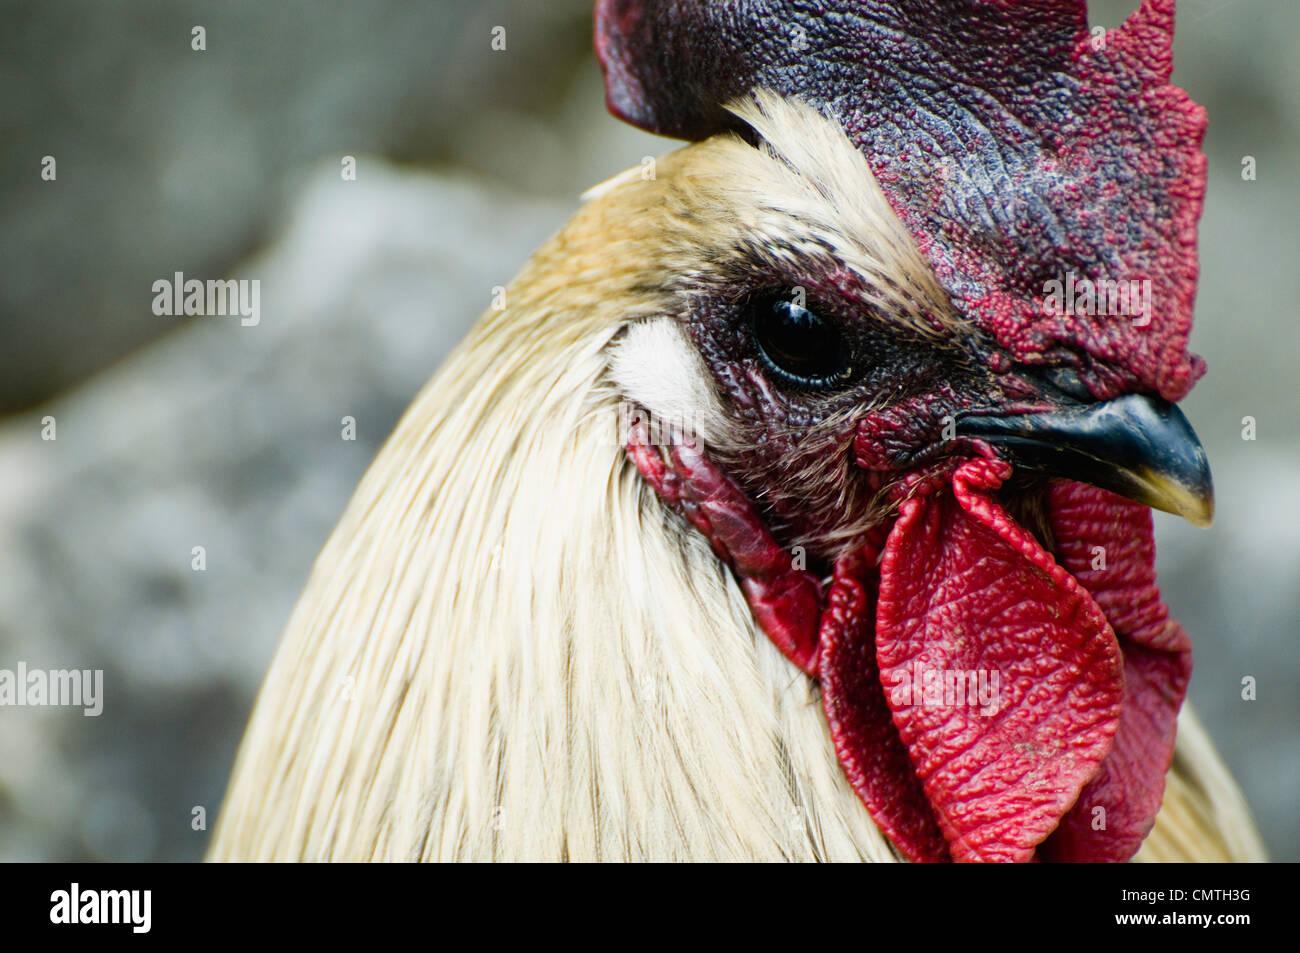 Rooster Imagen De Stock